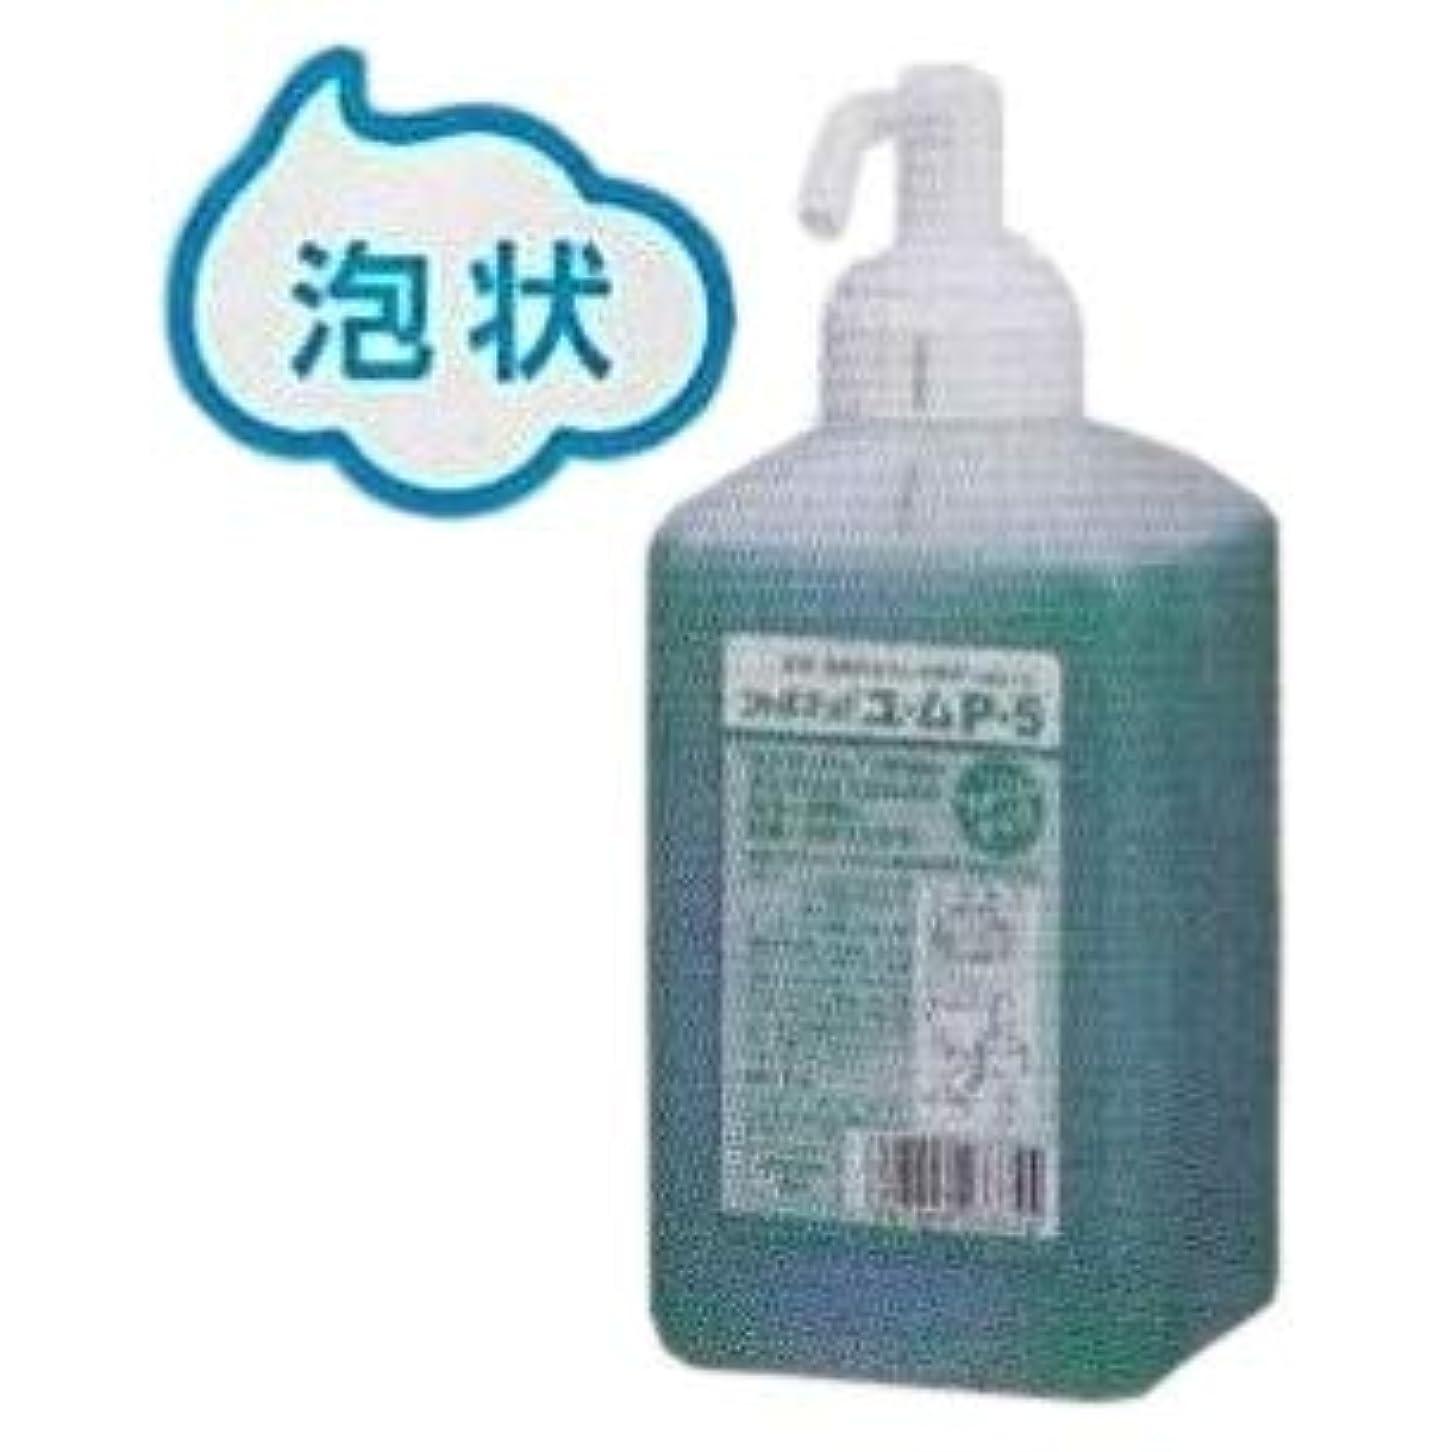 チーズたぶん治すサラヤ シャボネット ユ?ムP-5 1kg泡ポンプ付 無香料 サラヤ商品コード:23335